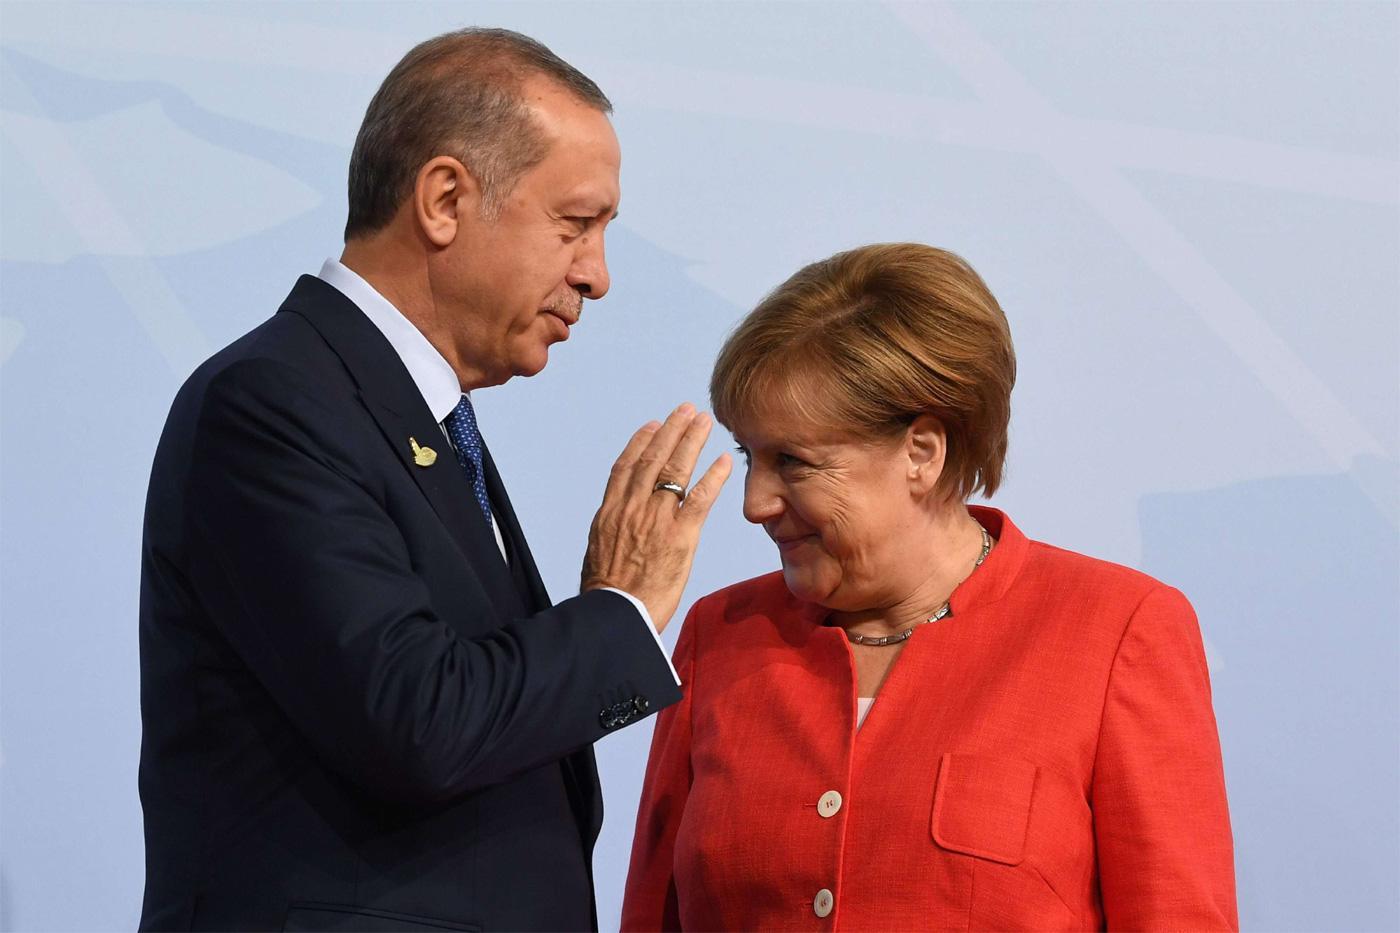 DW: Συνομιλίες Ελλάδας-Τουρκίας μάλλον μετά τις 23 Αυγούστου